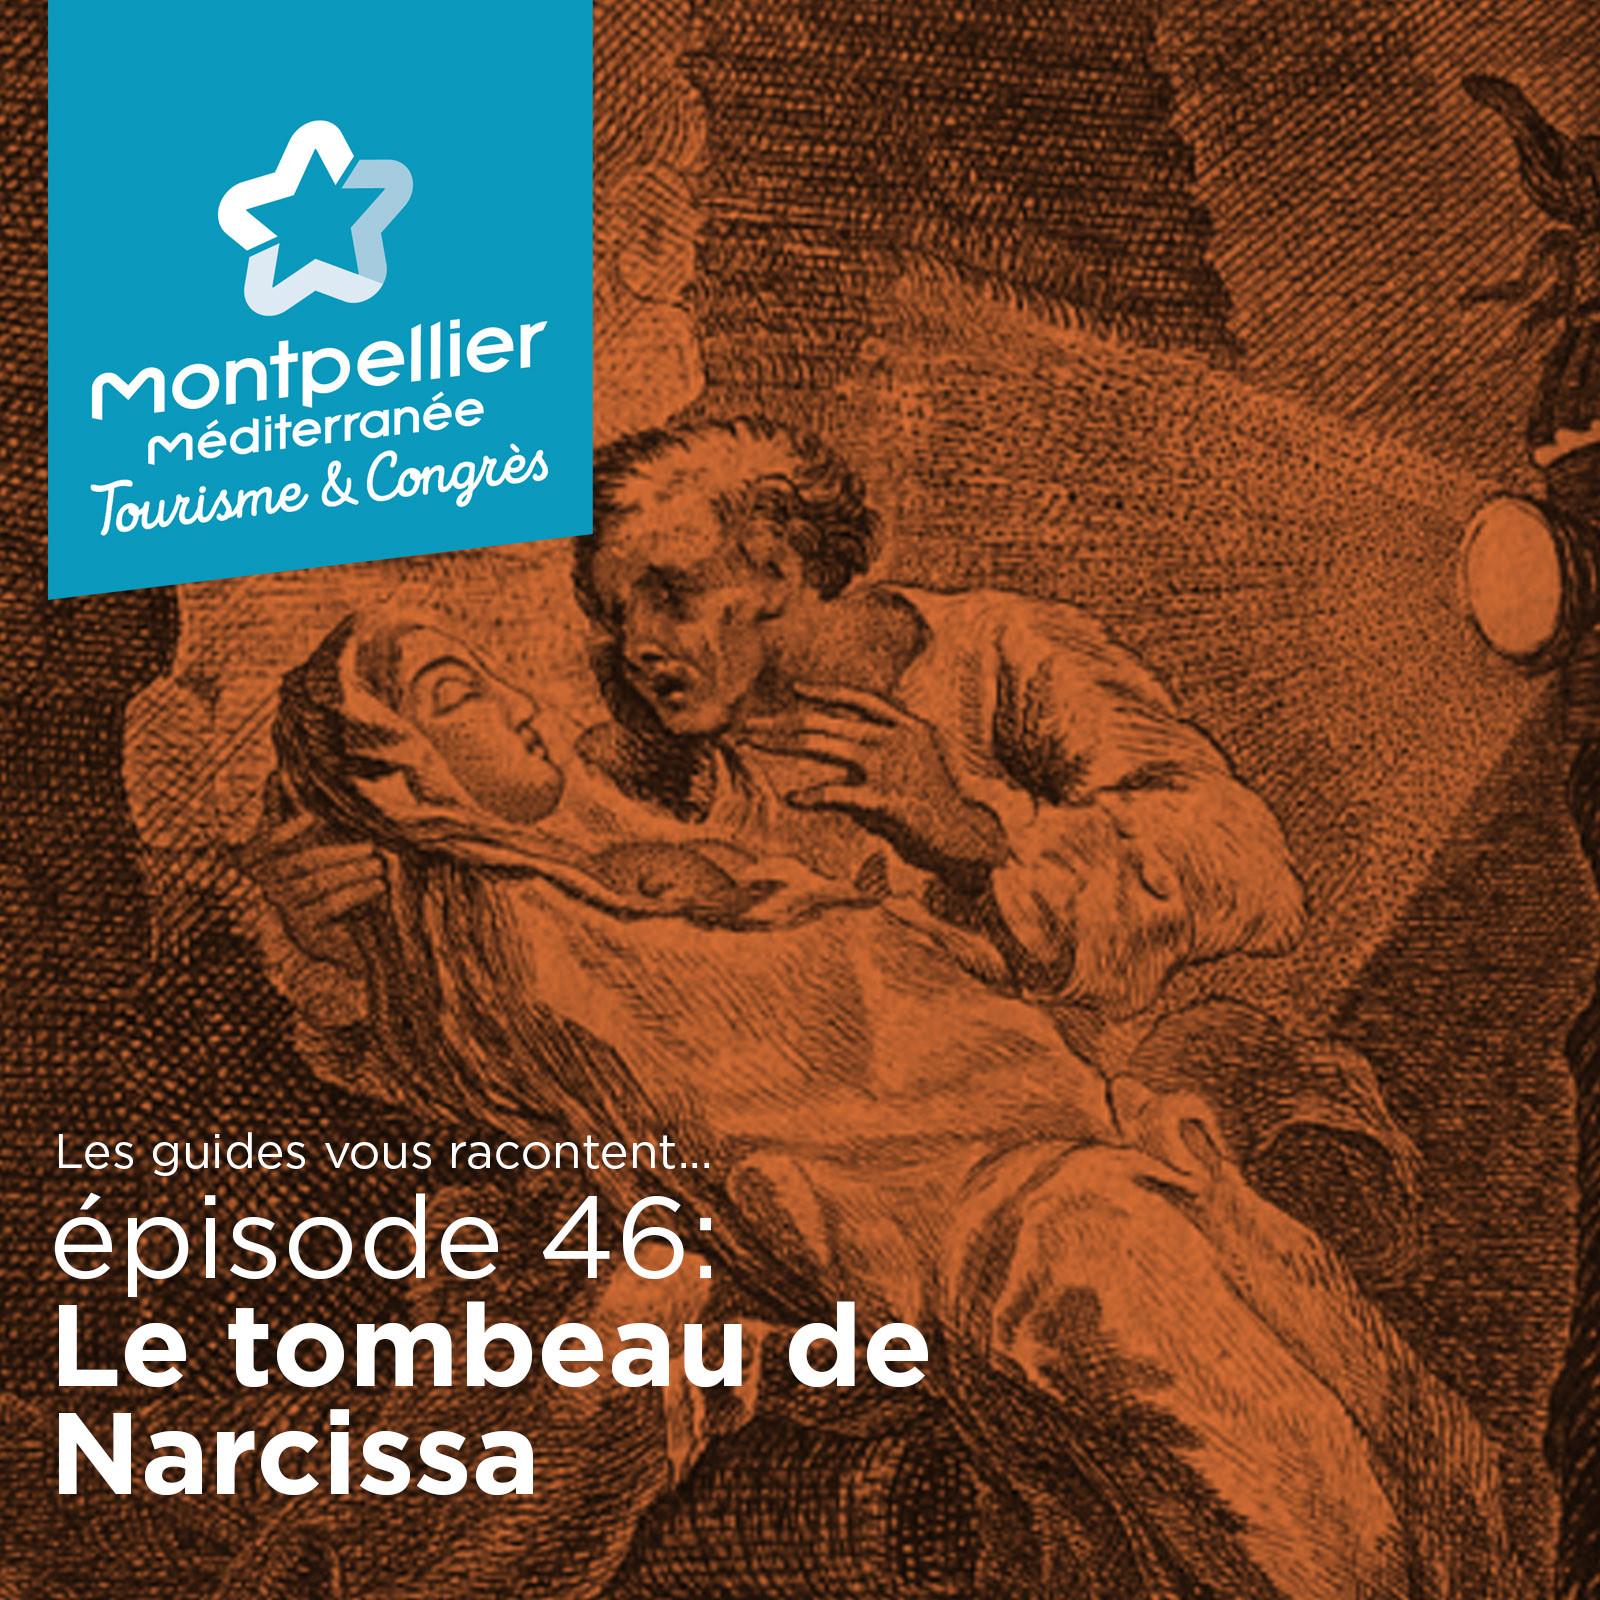 Episode 46: Le tombeau de Narcissa